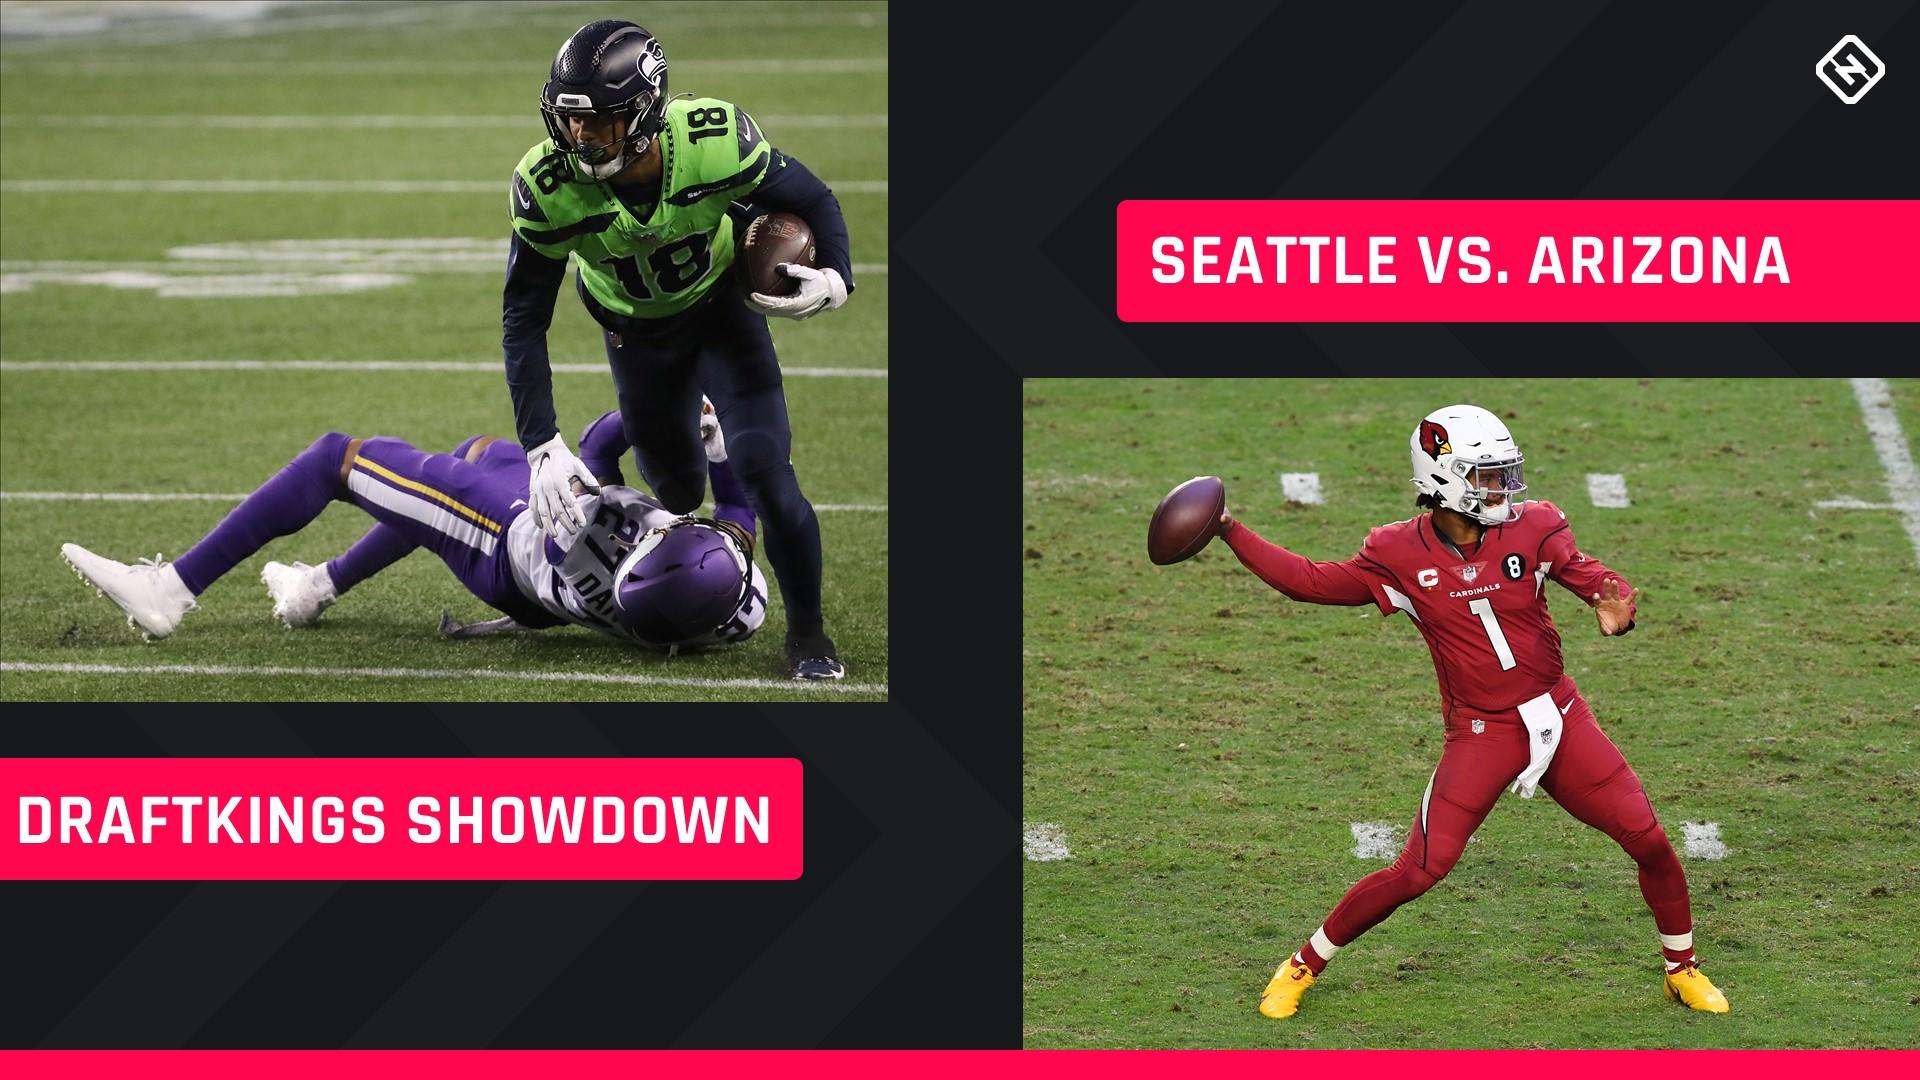 Quinta à noite Futebol DraftKings Picks: NFL DFS lineup conselho para a Semana 11 Seahawks-Cardinals Showdown torneios